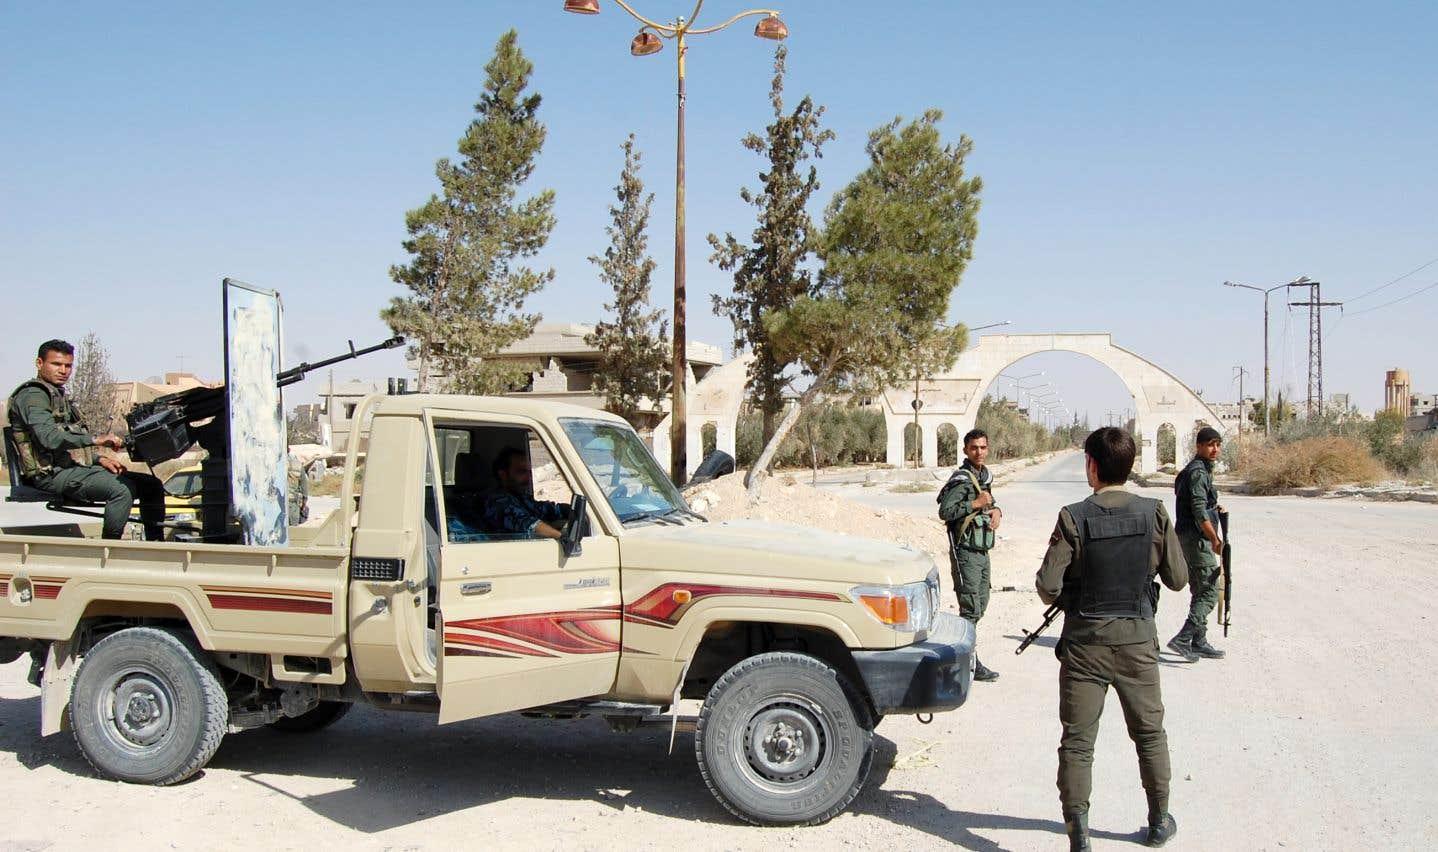 Le groupe État islamique accusé de nouvelles exactions en Syrie